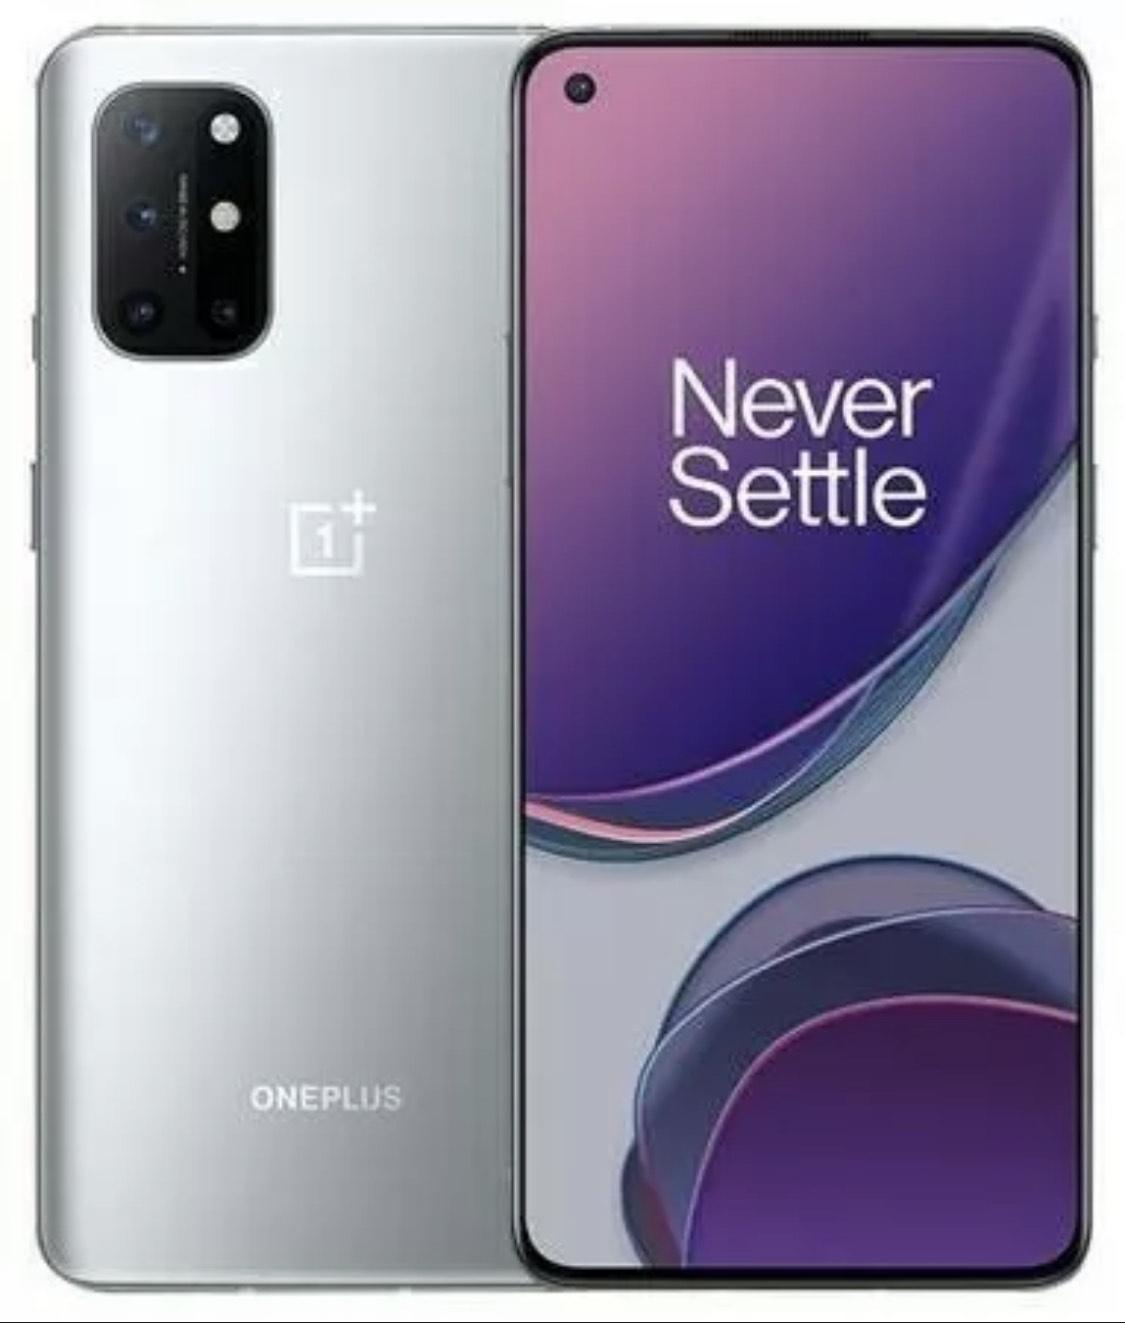 [Ebay Computeruniverse] OnePlus 8T Dual-SIM EU 8/128GB lunar silver